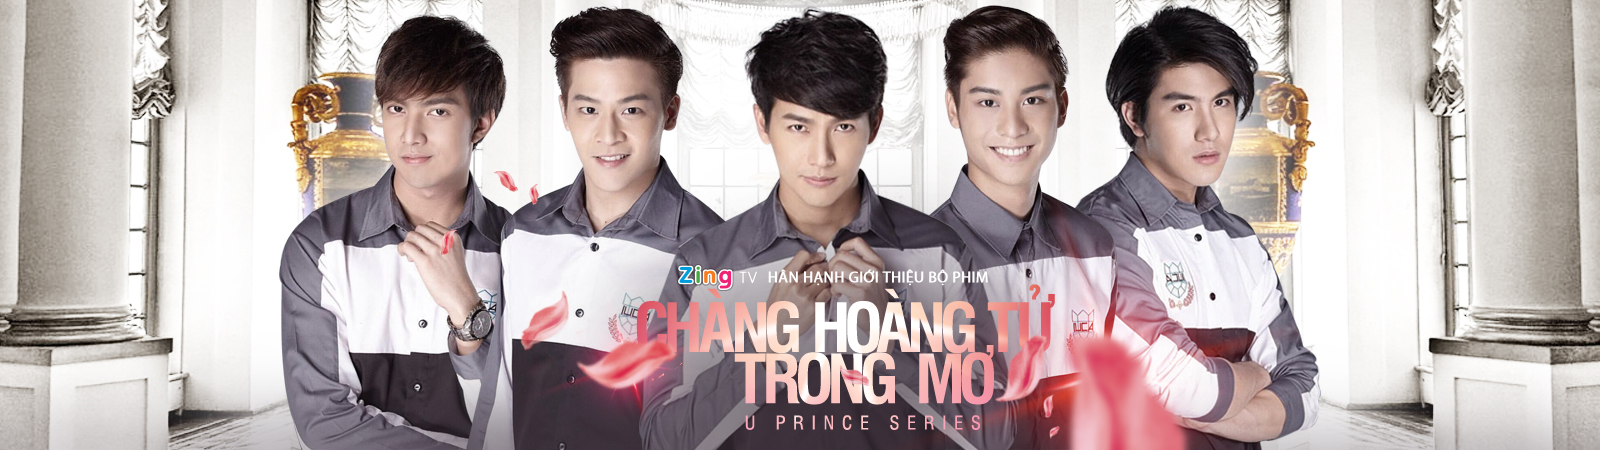 Tập 14 - U Prince Series - Chàng Hoàng Tử Trong Mơ